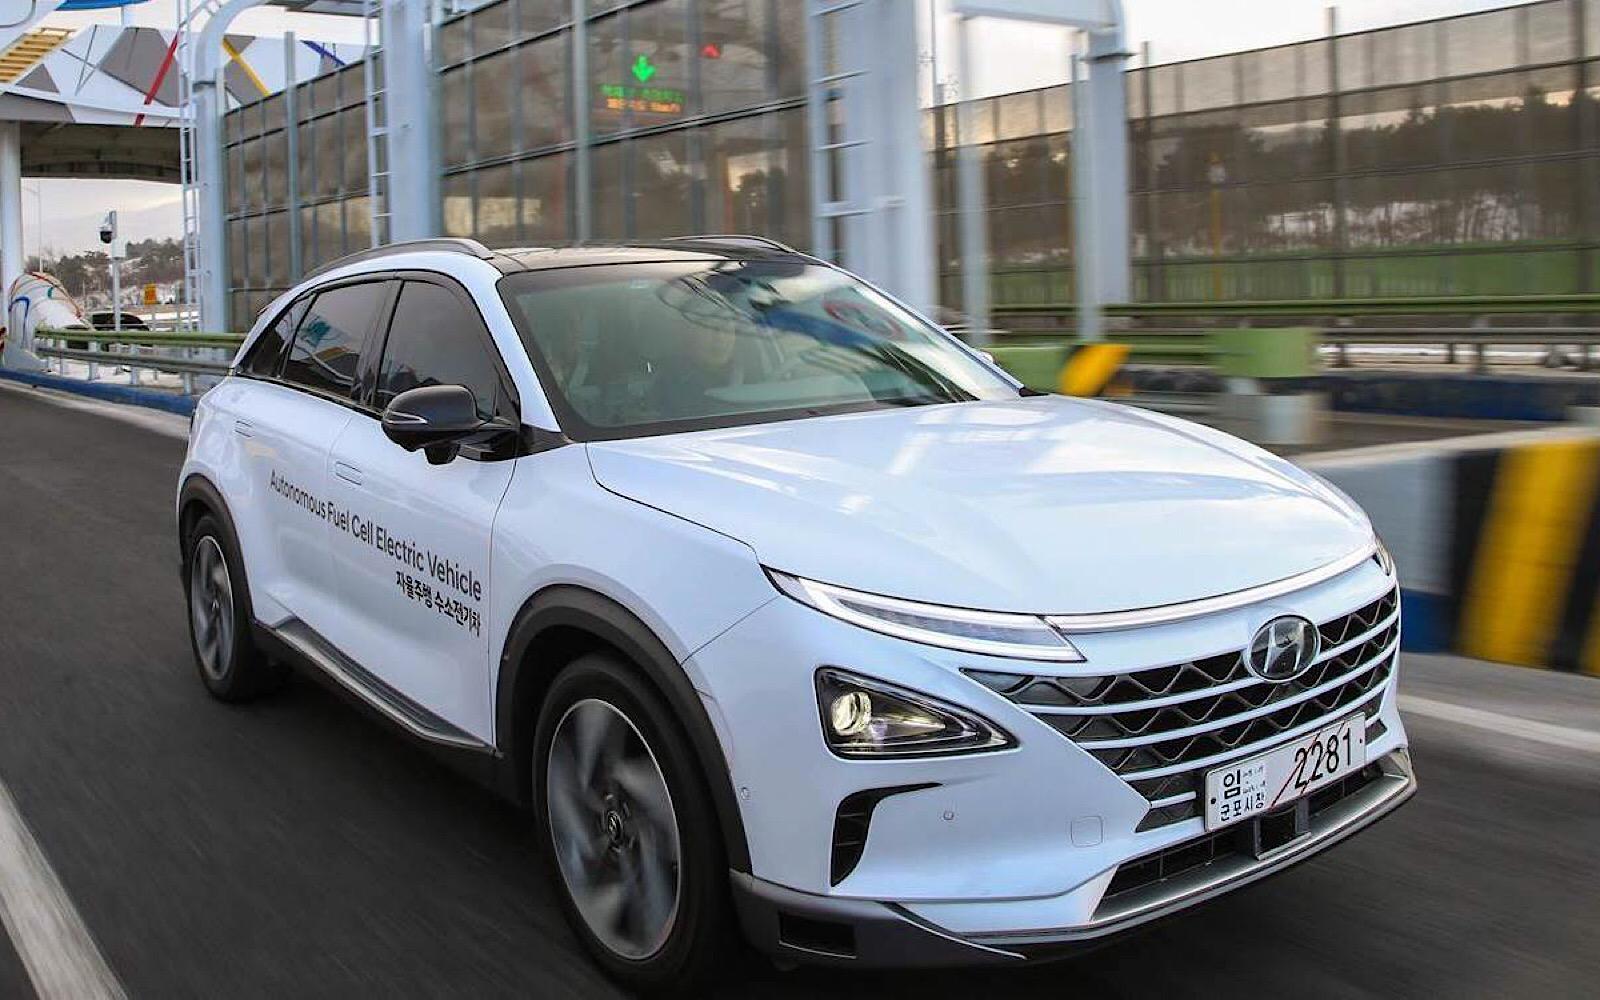 Водородный Hyundai NEXO доехал до Пхенчхана на автопилоте